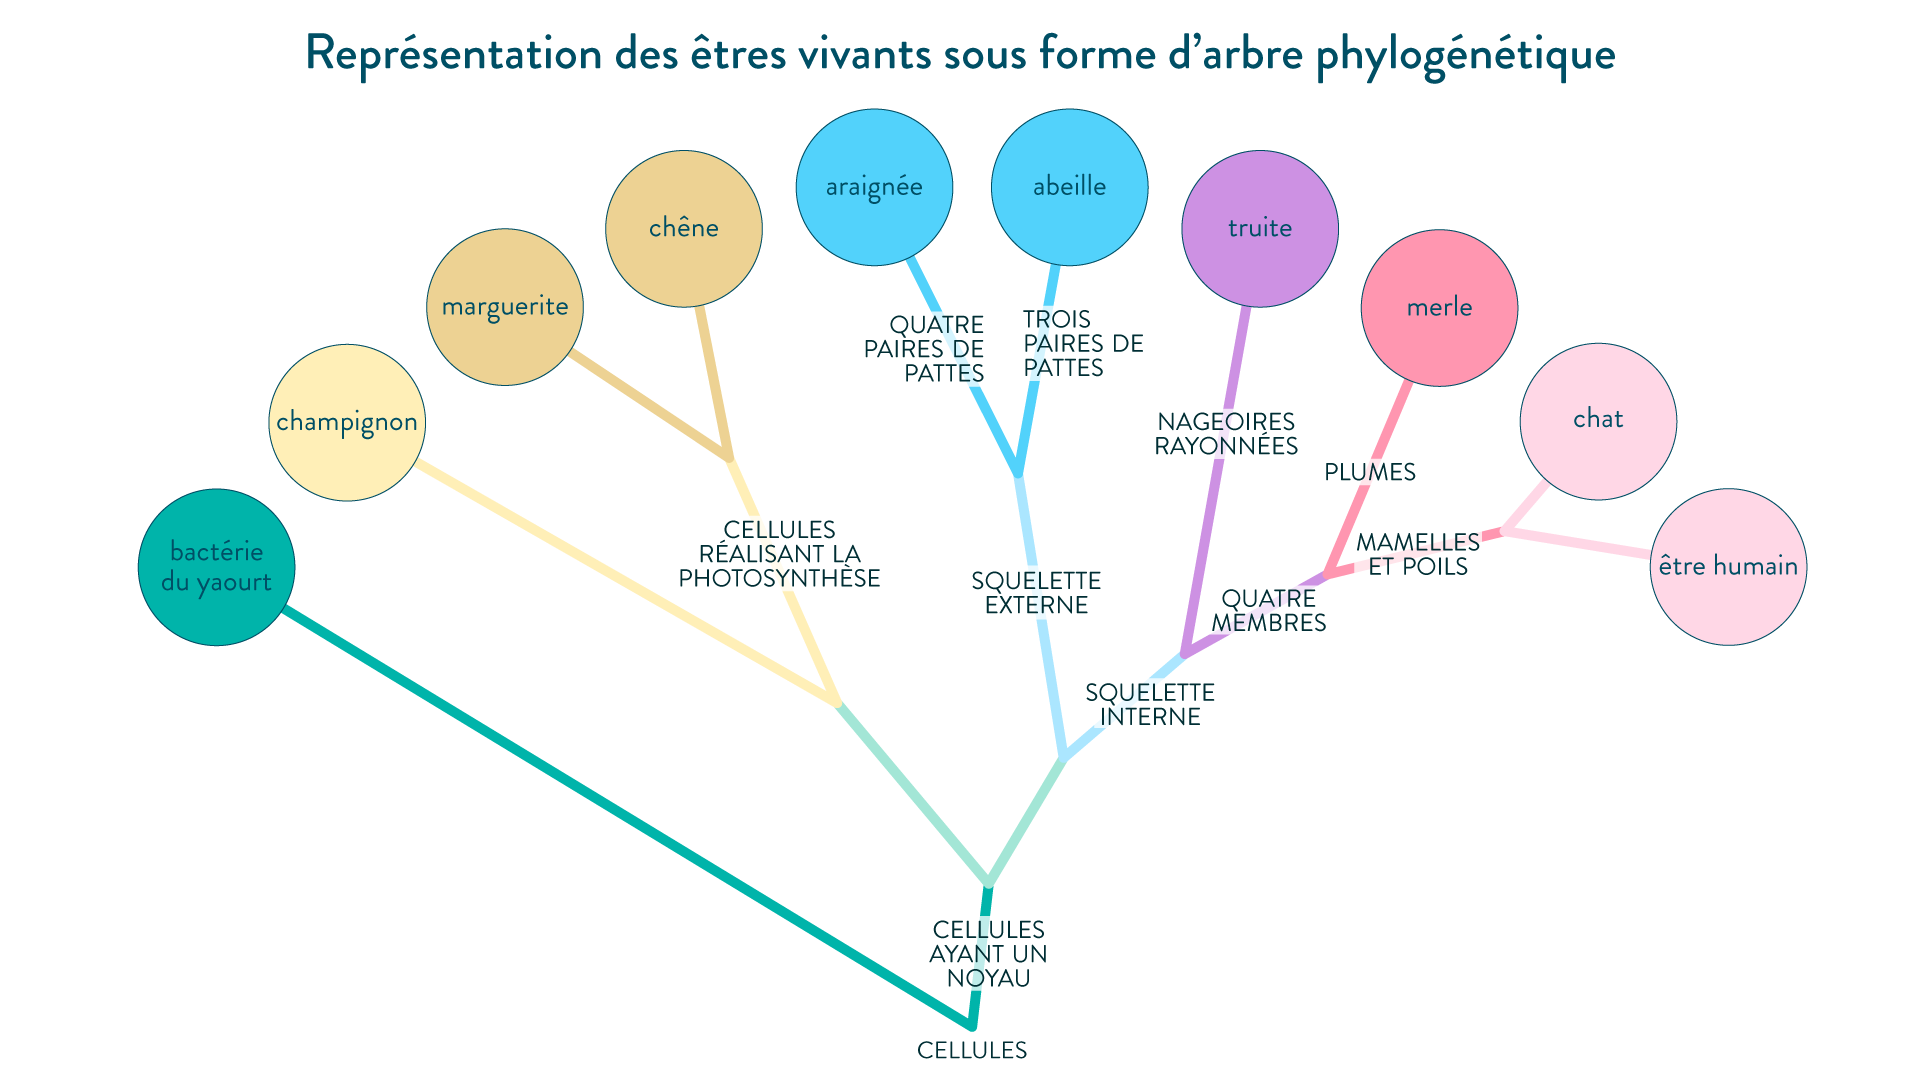 Représentation des familles d'êtres vivants sous forme d'arbre phylogénétique